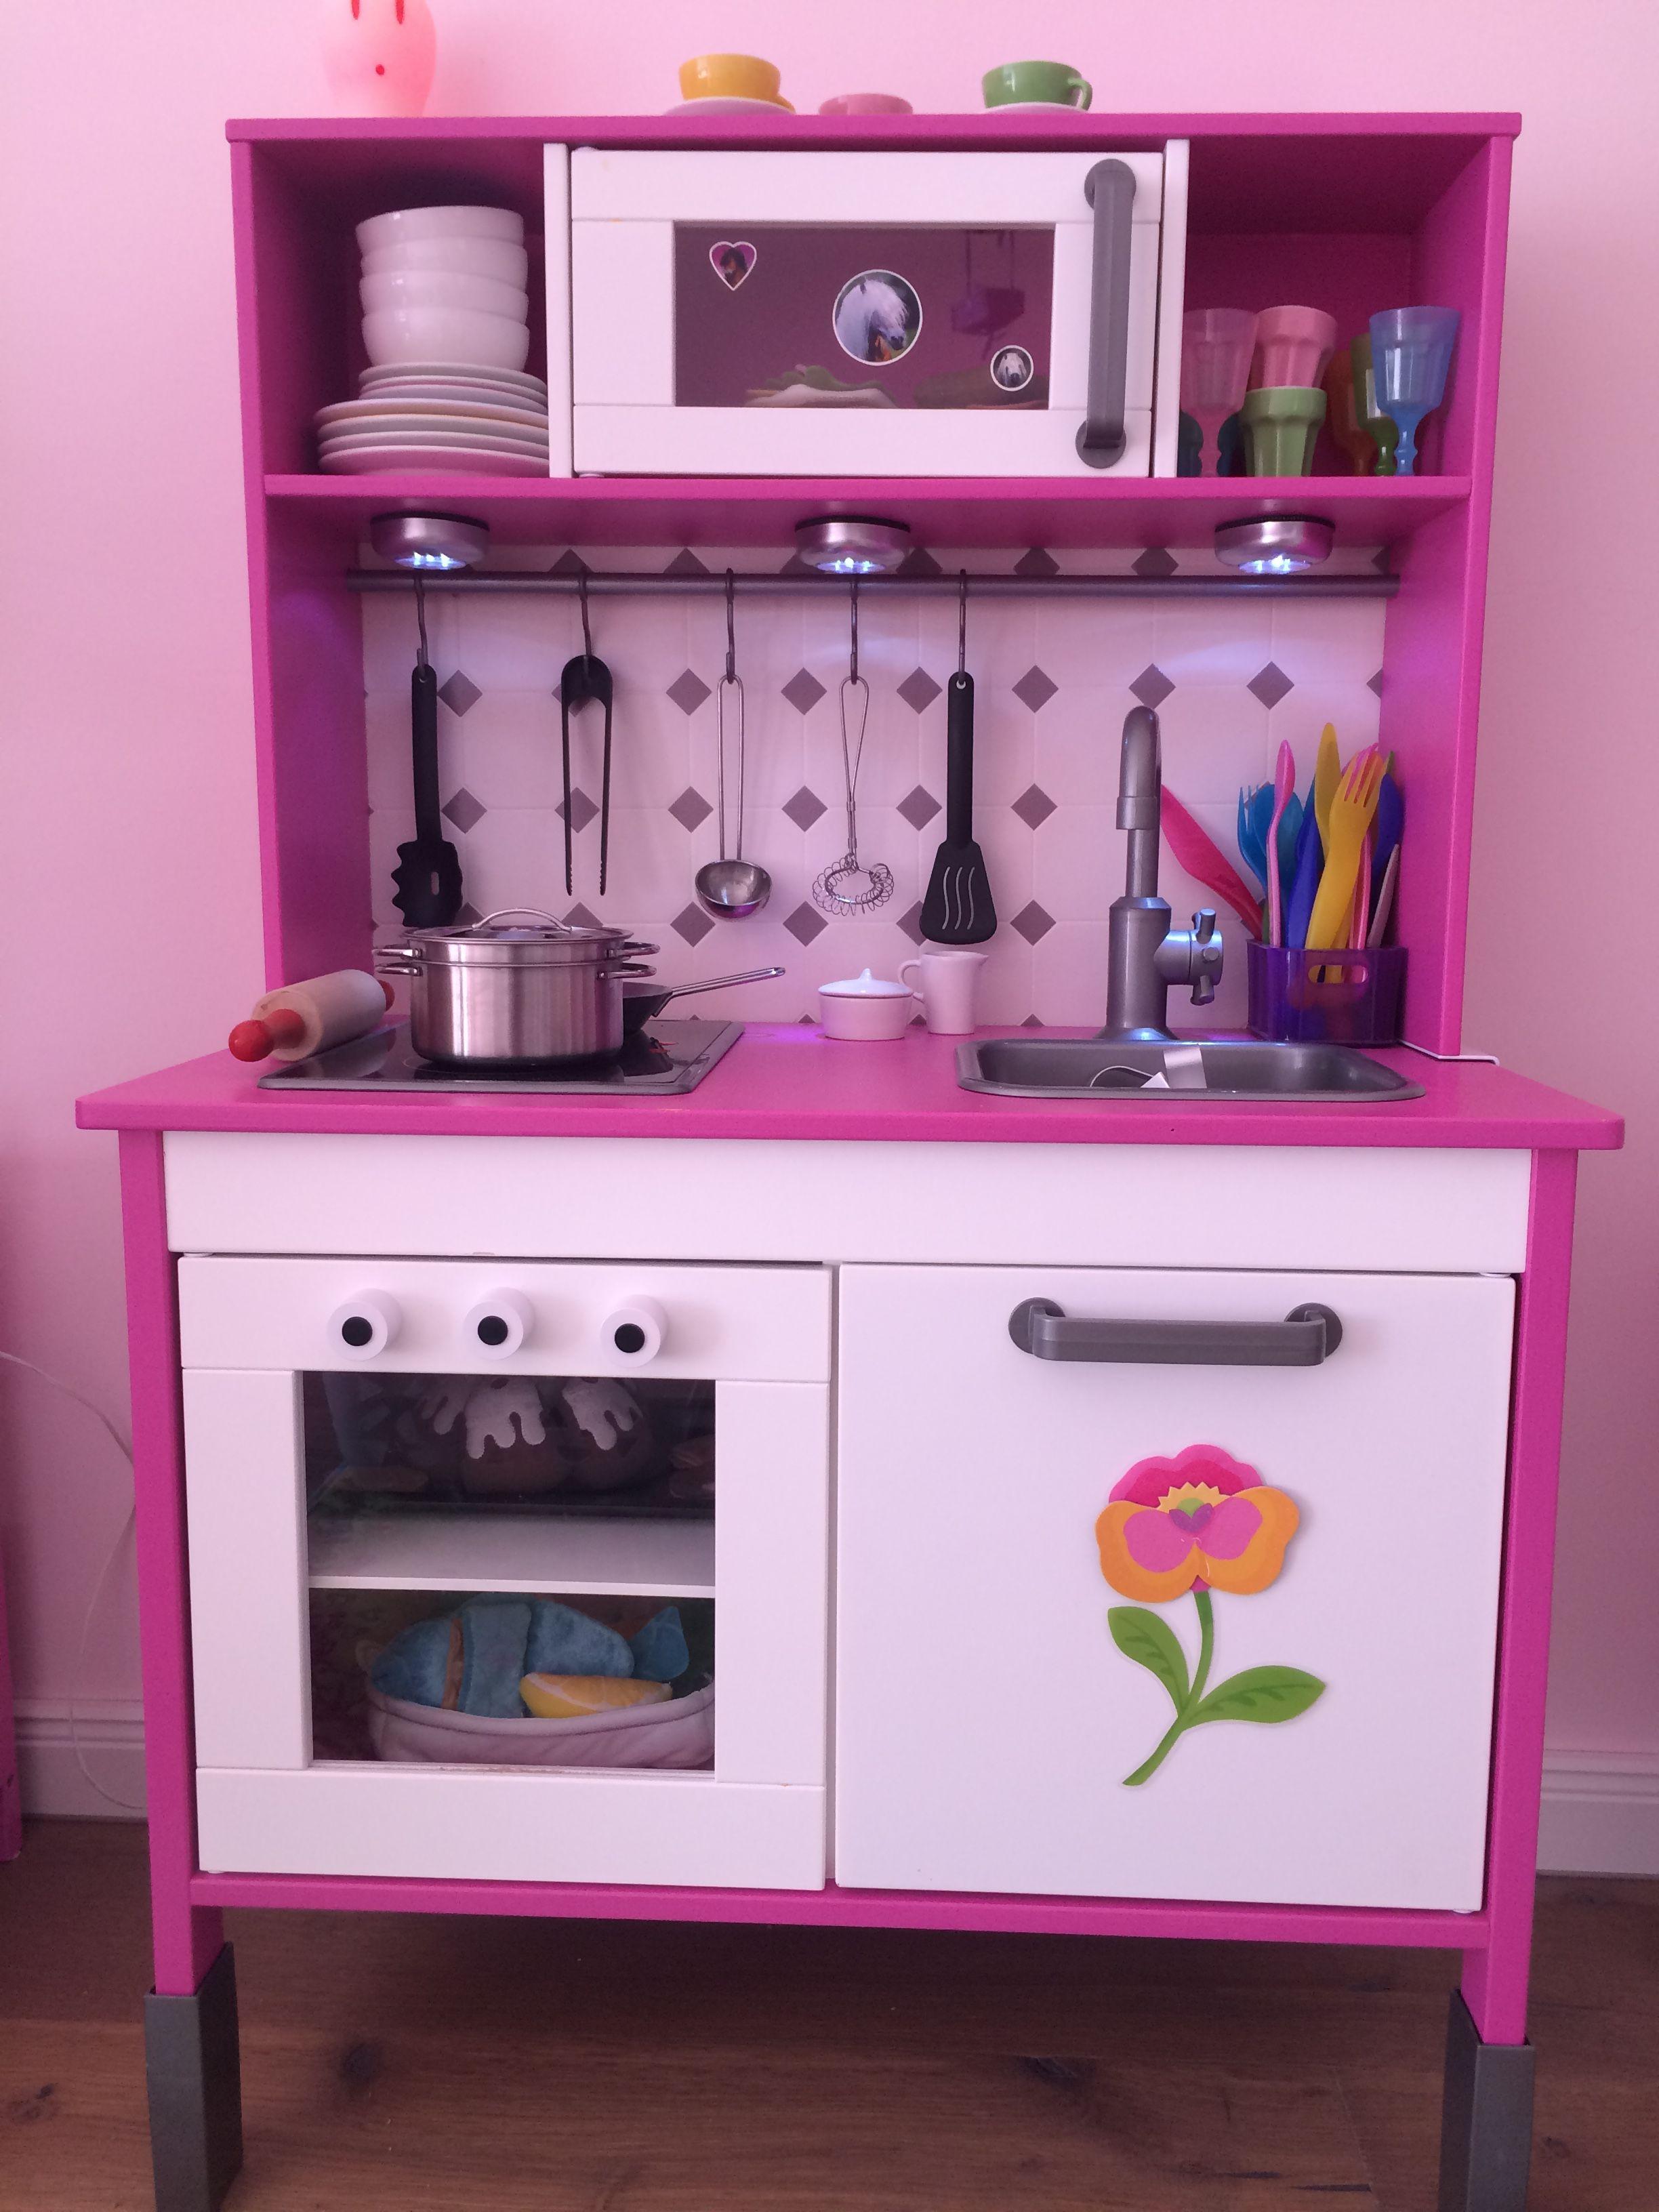 Ikea Küche aufgemotzt. Mit Rückwand, Ofenknöpfen und LED-Leuchten ...